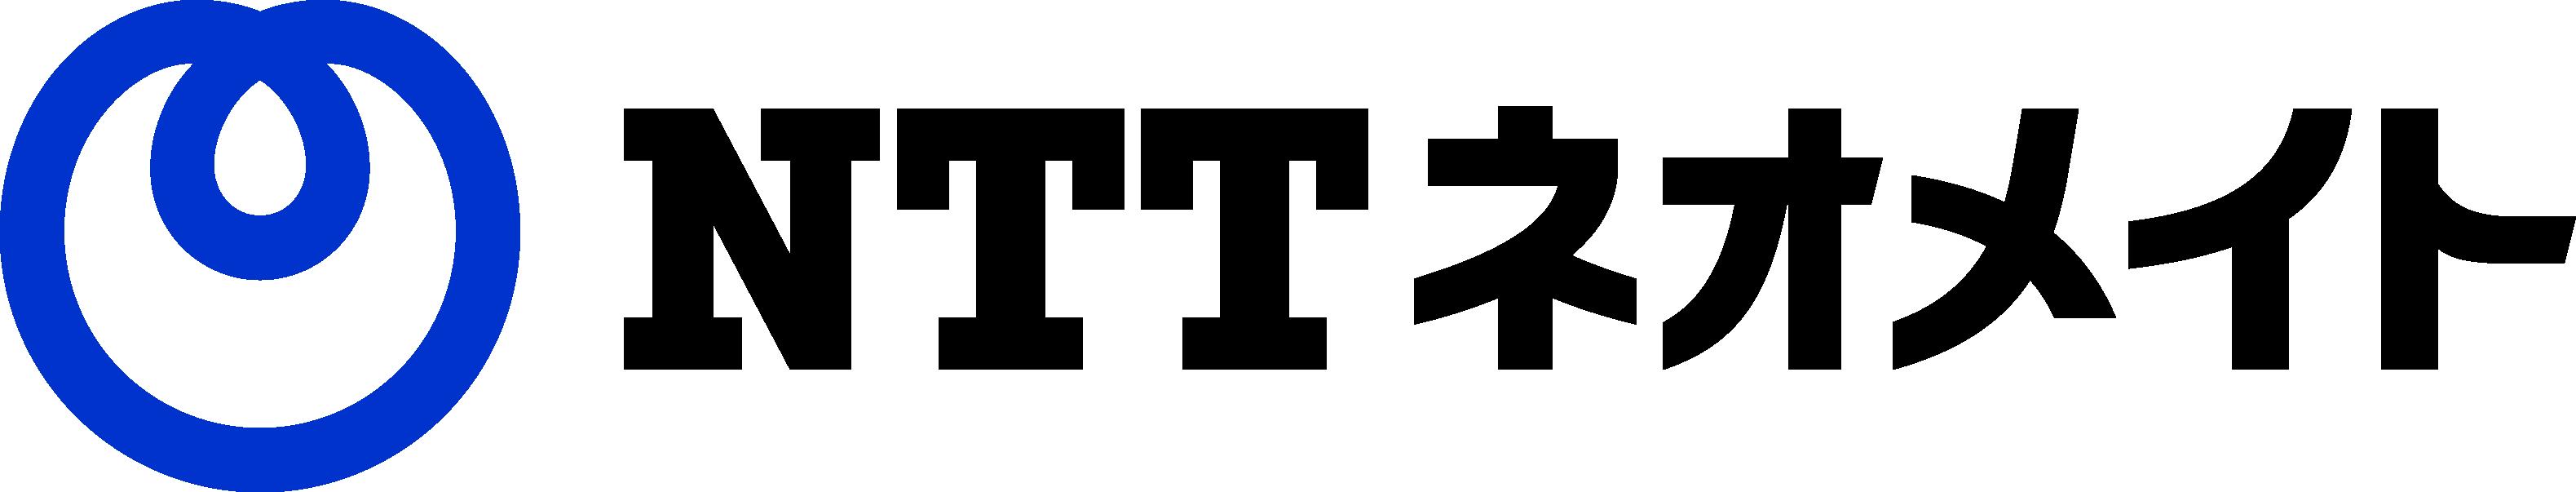 ネオメイトロゴ a 3タイプ(和文web用カラー)